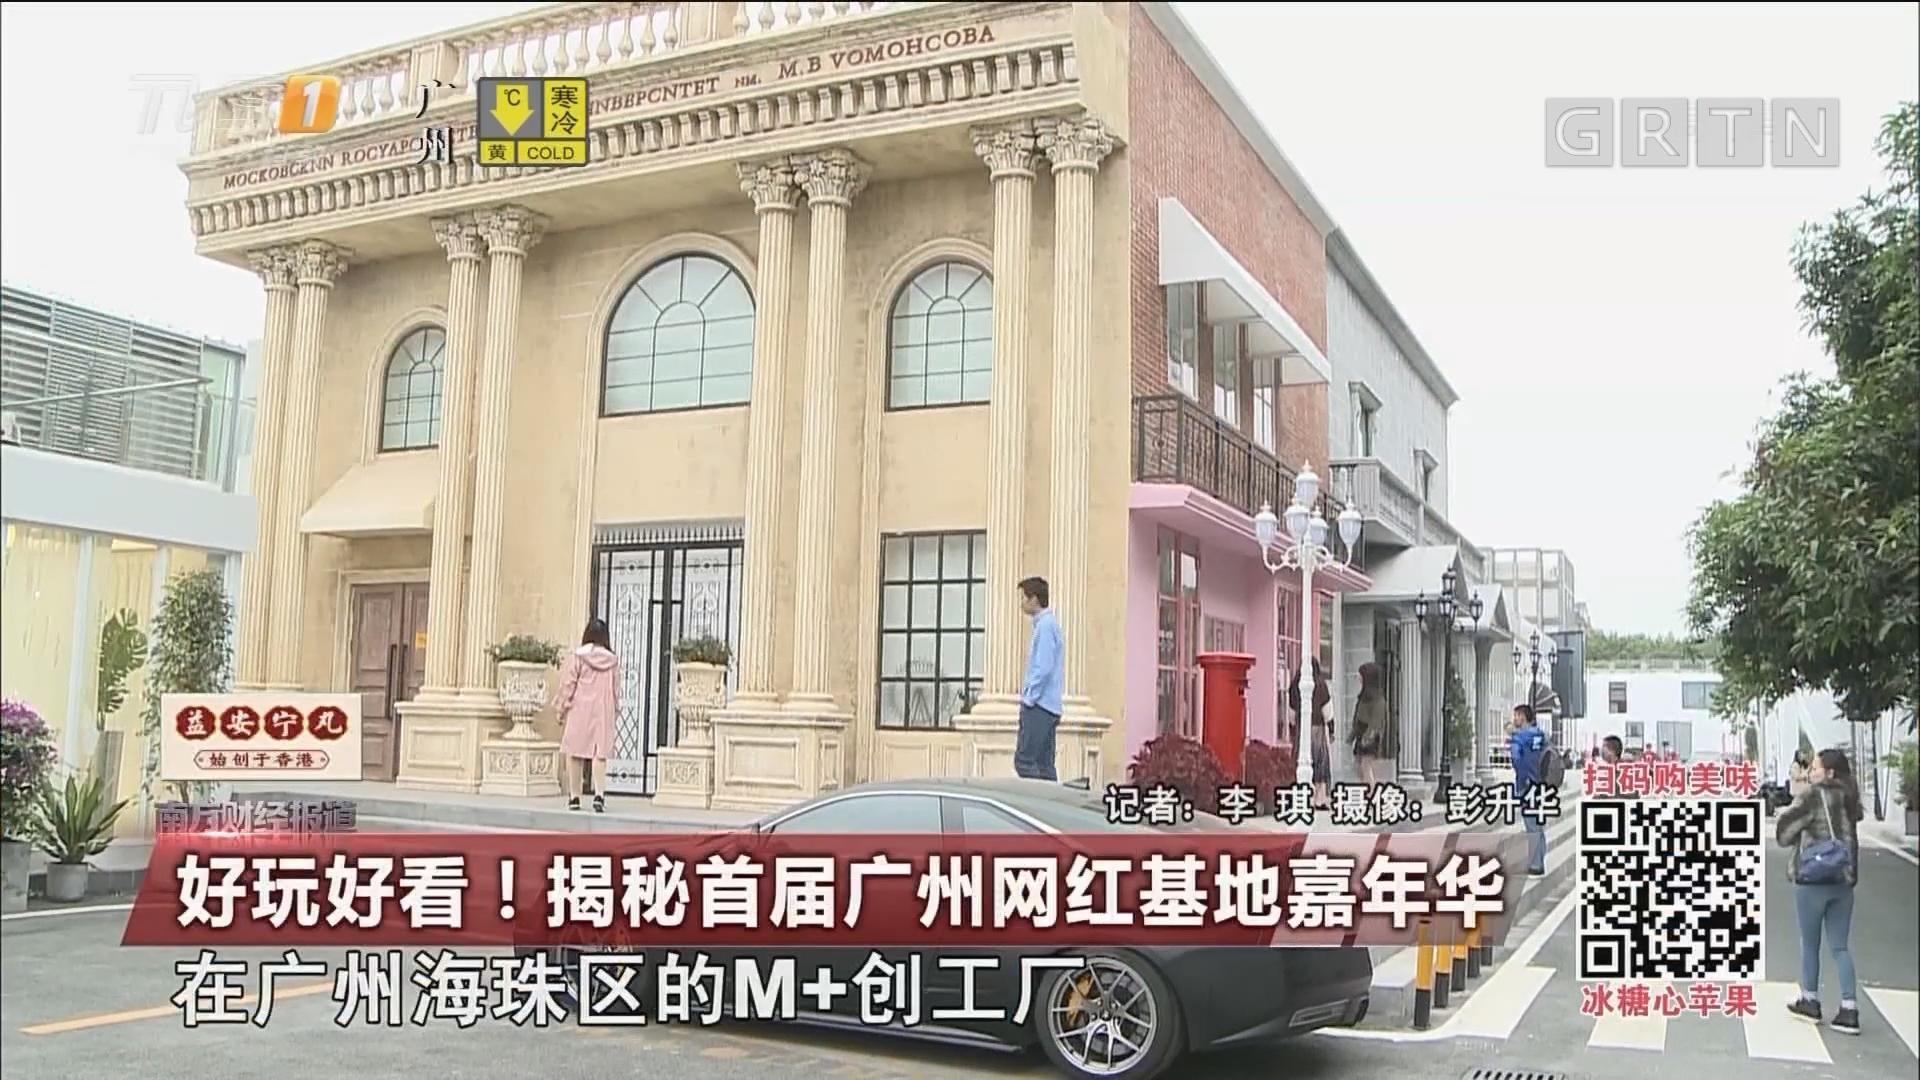 好玩好看!揭秘首届广州网红基地嘉年华